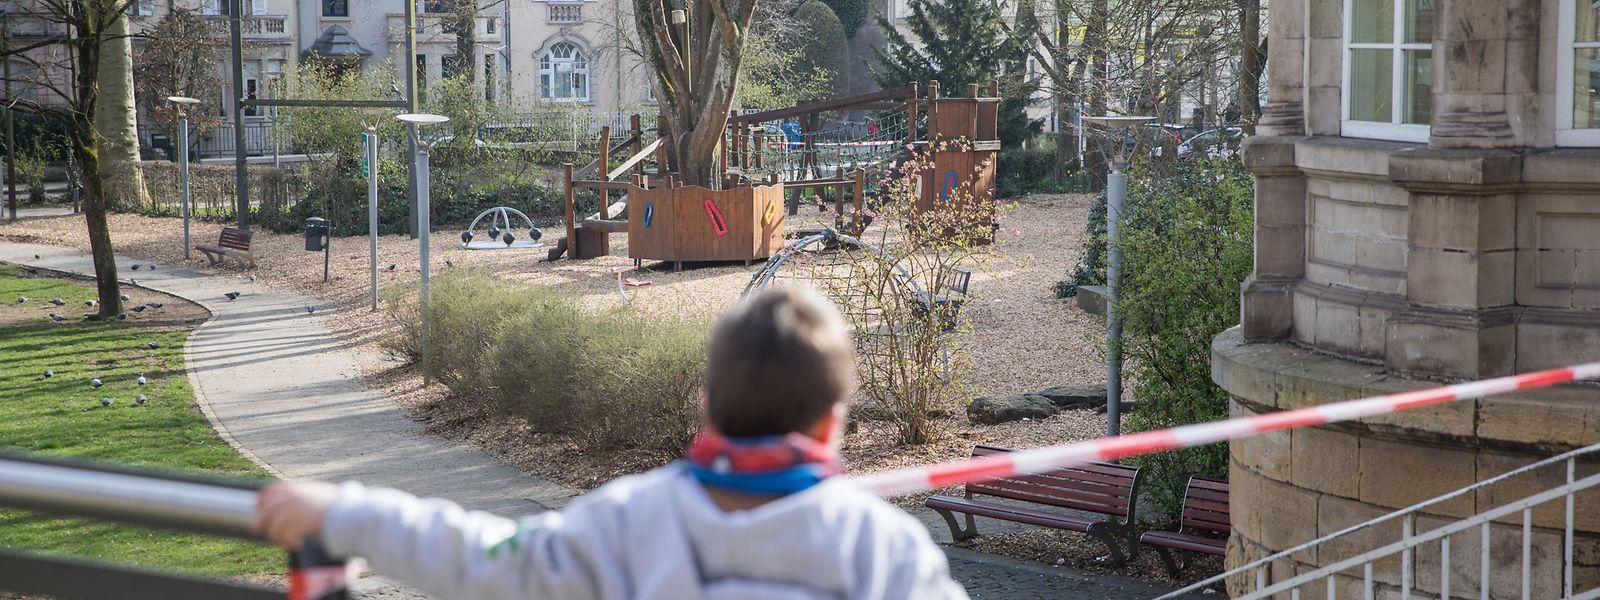 De nombreuses personnes sont favorables à la réouverture des plaines de jeux.